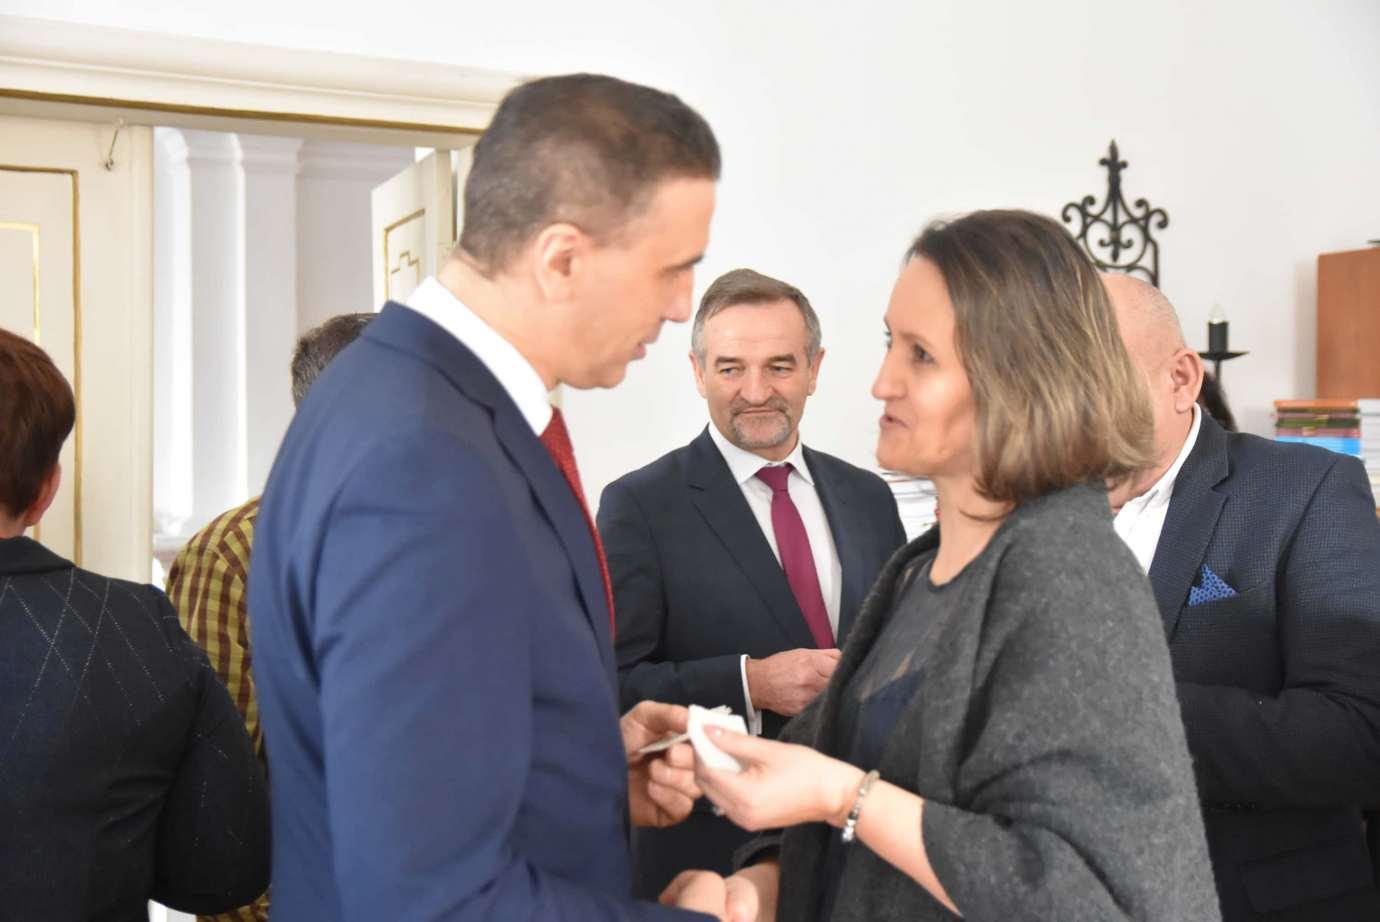 dsc 4052 Zamość: Otwarcie nowego biura poselskiego Jarosława Sachajko. [ZDJĘCIA, FILM]